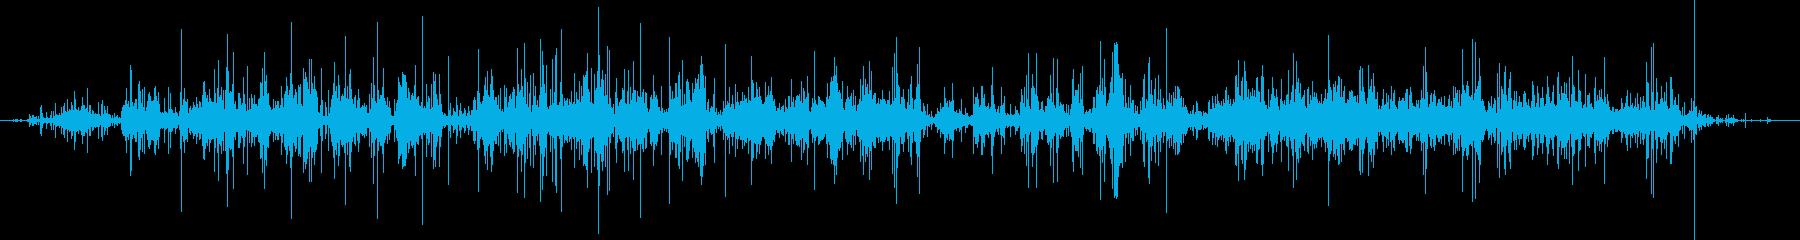 袋のガサガサ音03の再生済みの波形